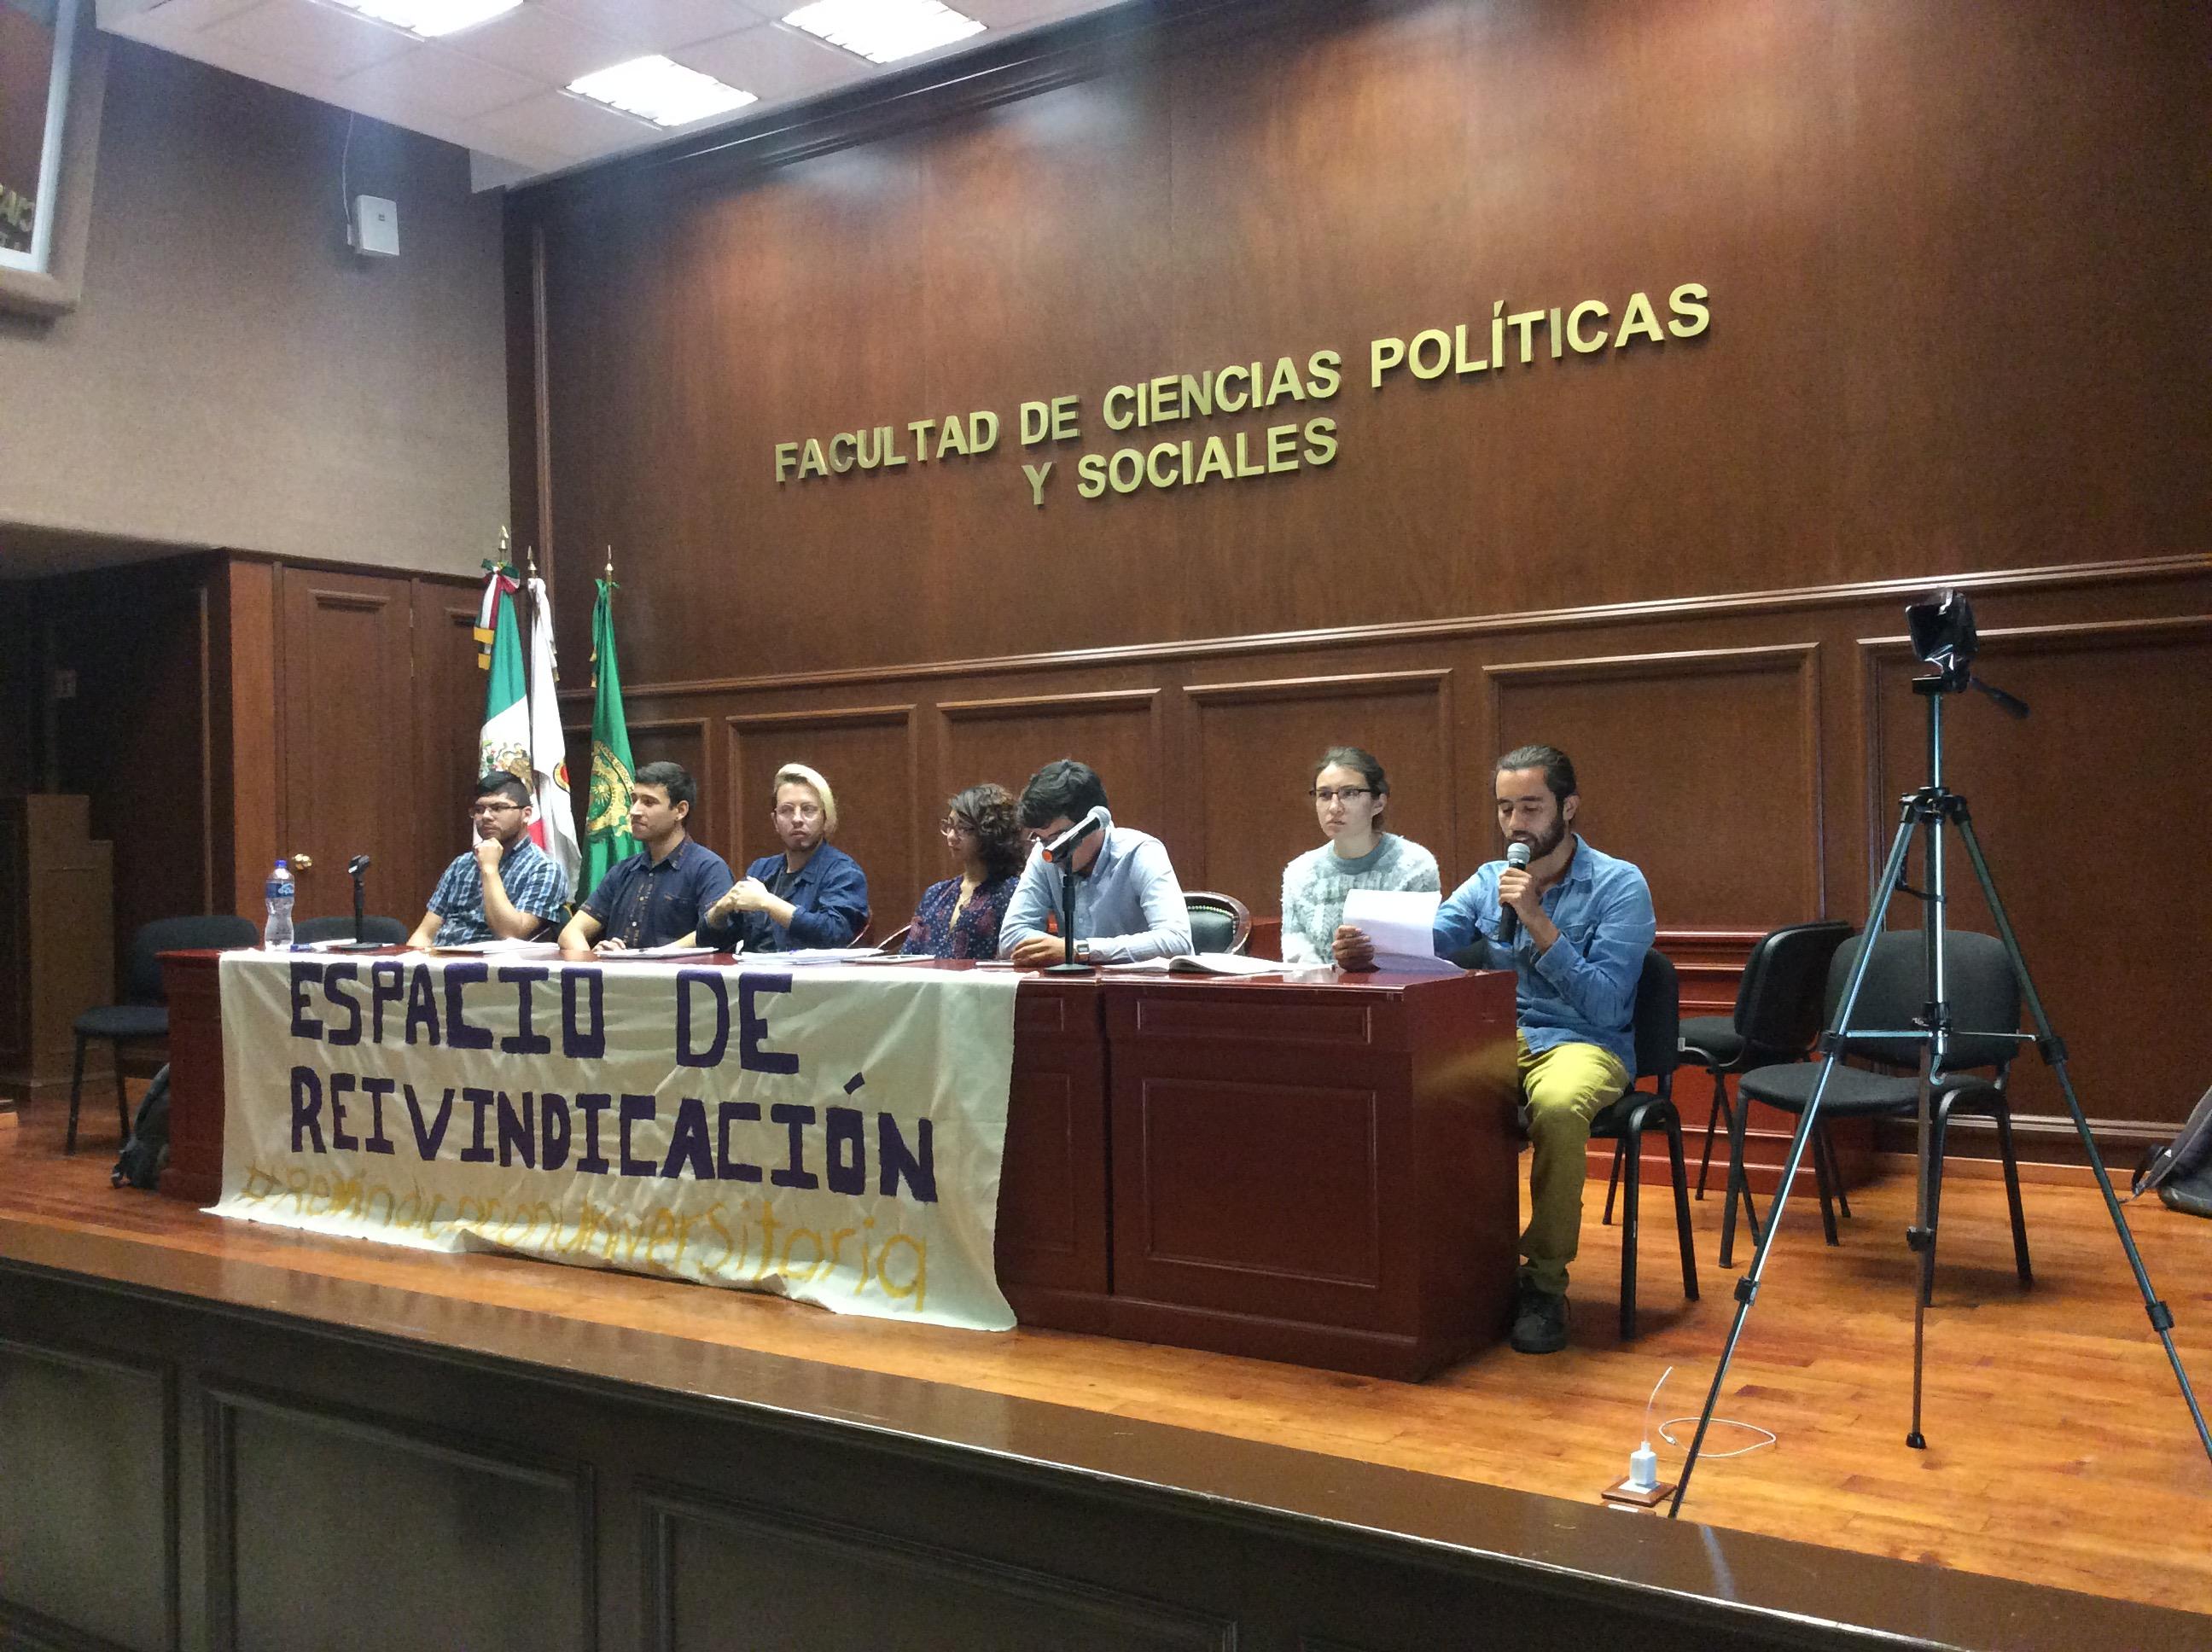 No más impunidad en UAEM, exigen alumnos